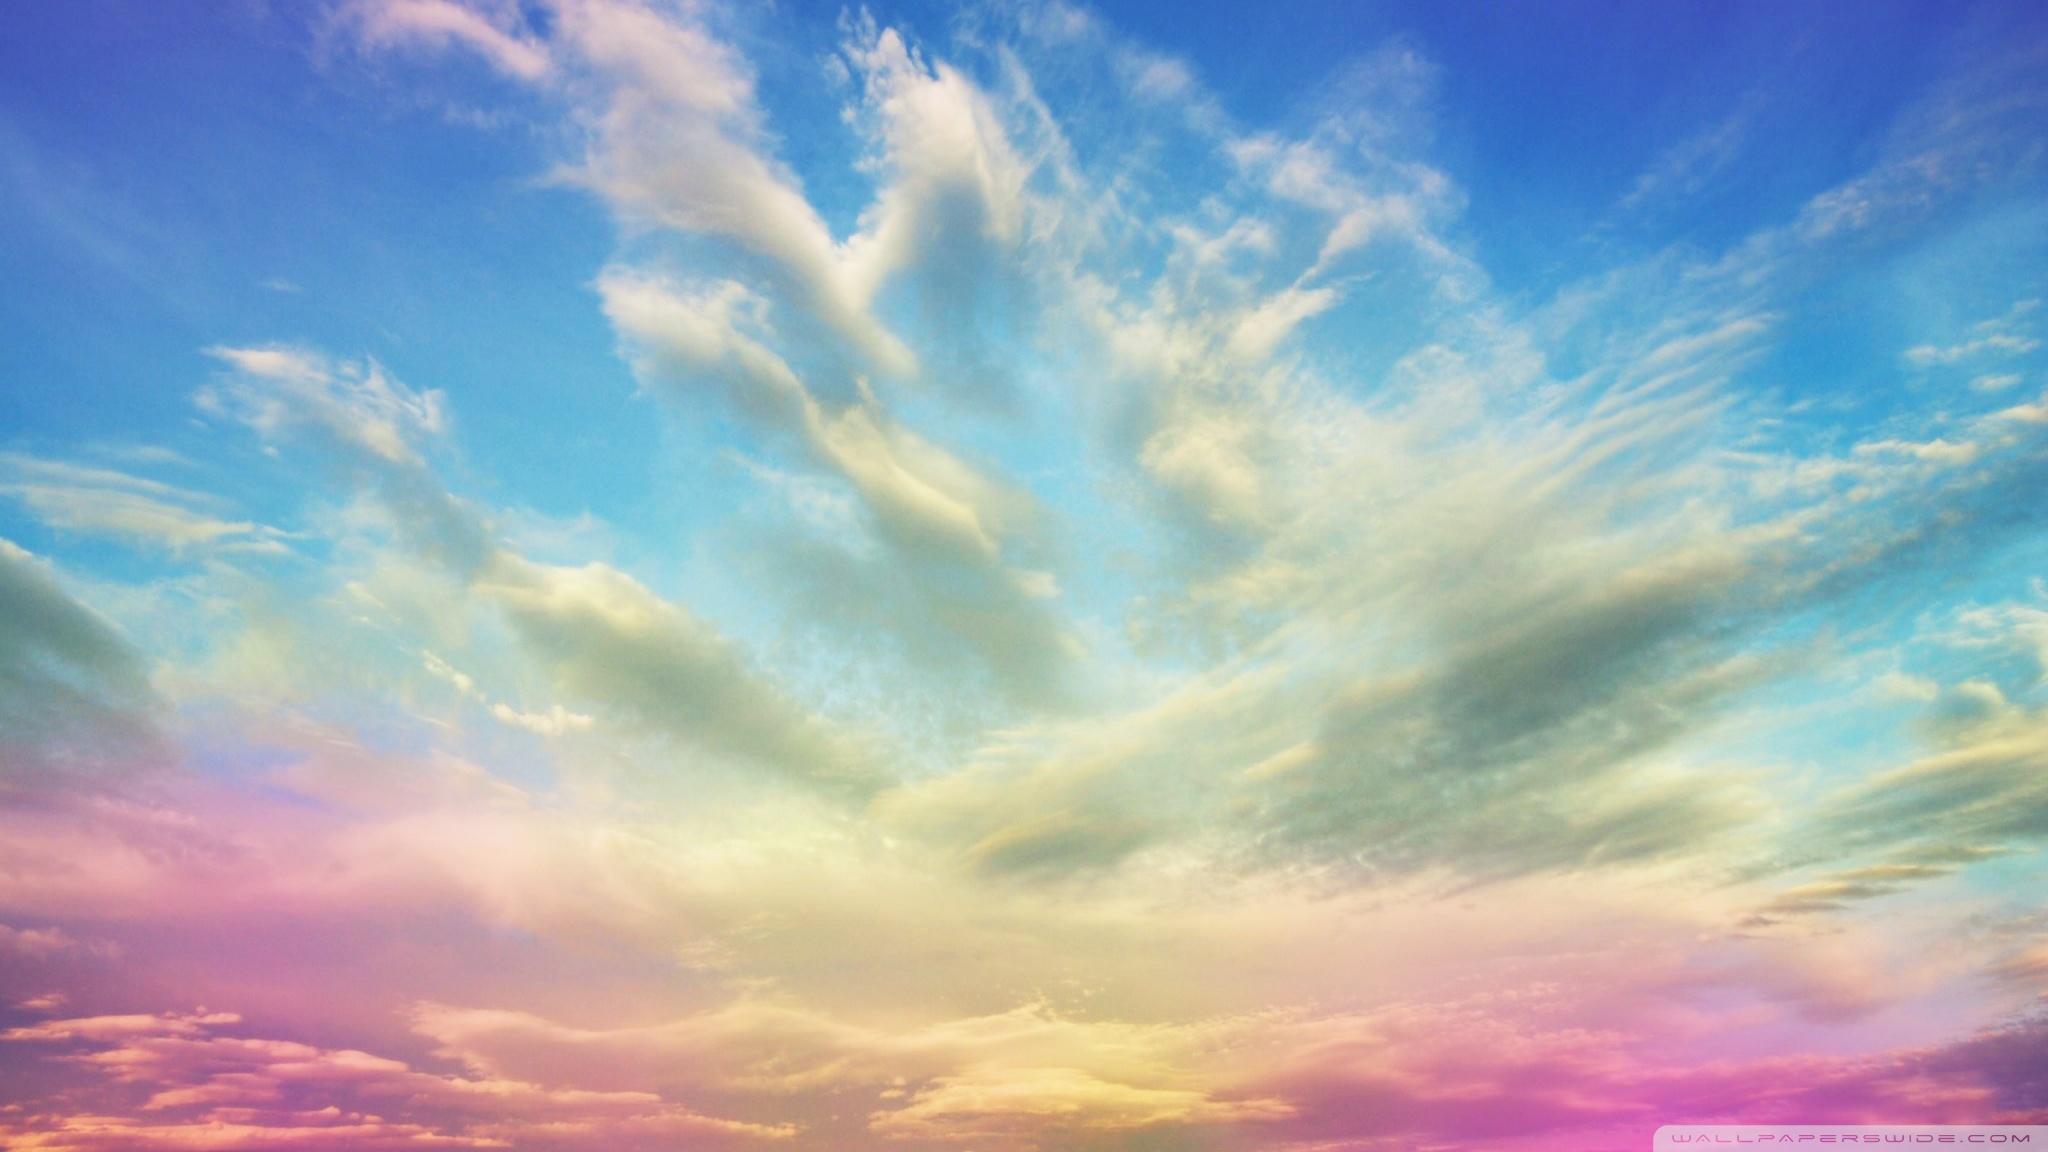 Pink Clouds HD desktop wallpaper : High Definition : Fullscreen